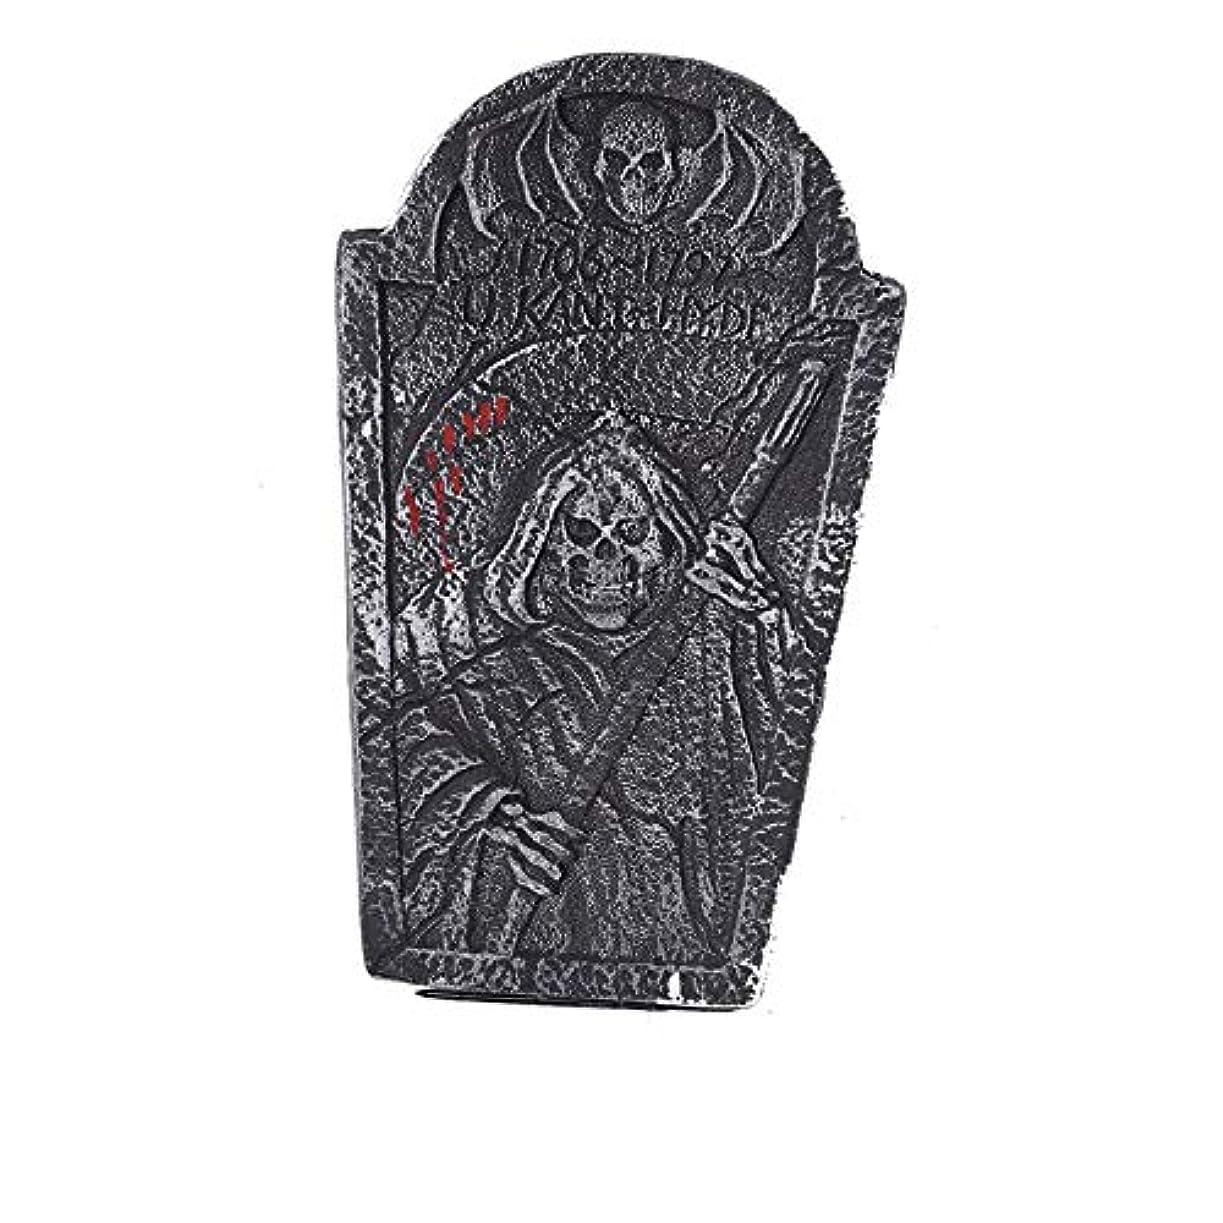 アッティカスカスタム不適ETRRUU HOME ハロウィーン墓石お化け屋敷バー装飾秘密の部屋タトゥーショップホラースカル装飾写真の小道具